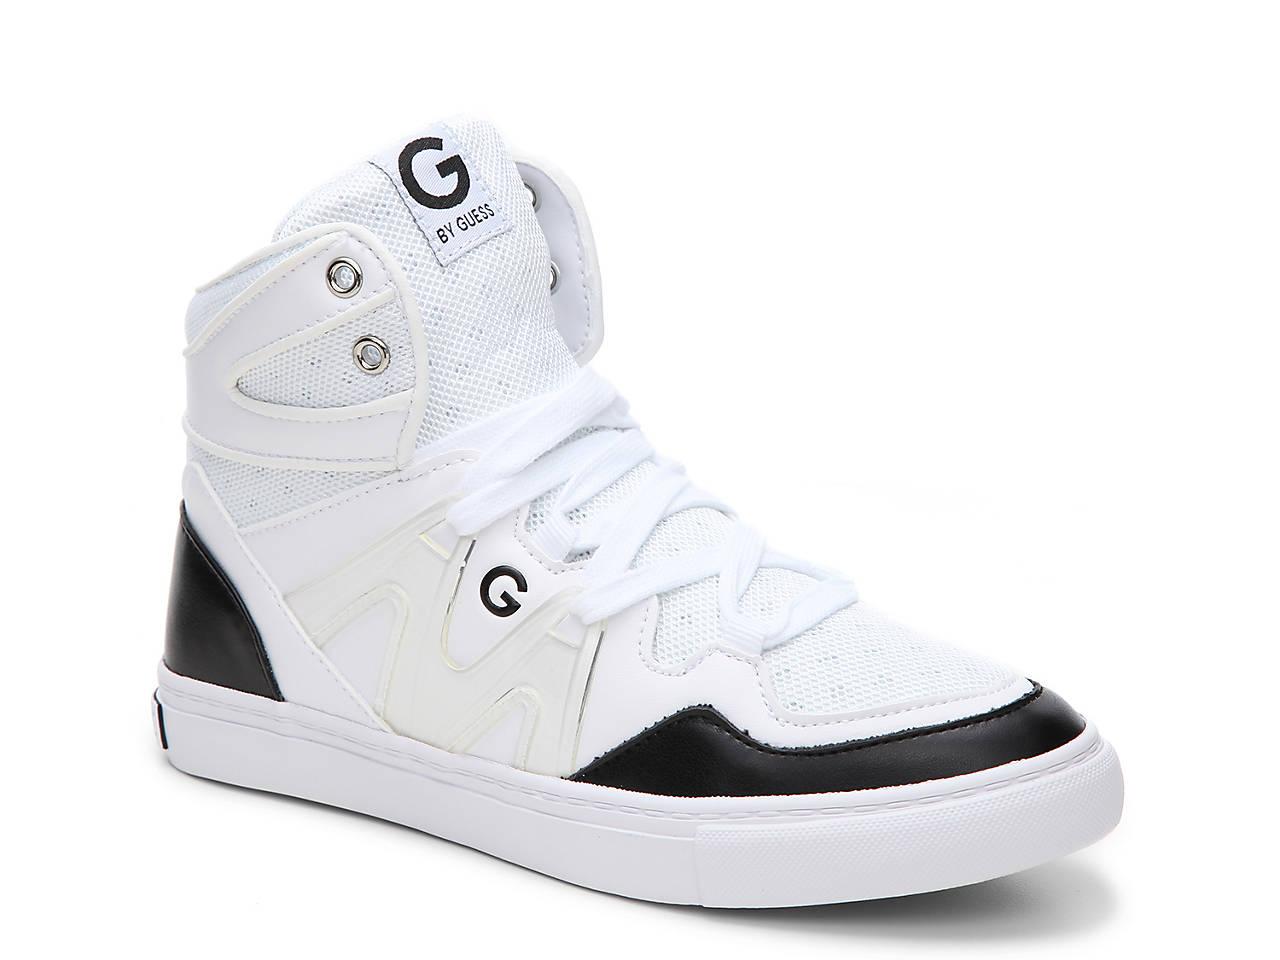 G De Base-tops Et Hauts Chaussures De Sport FowMG